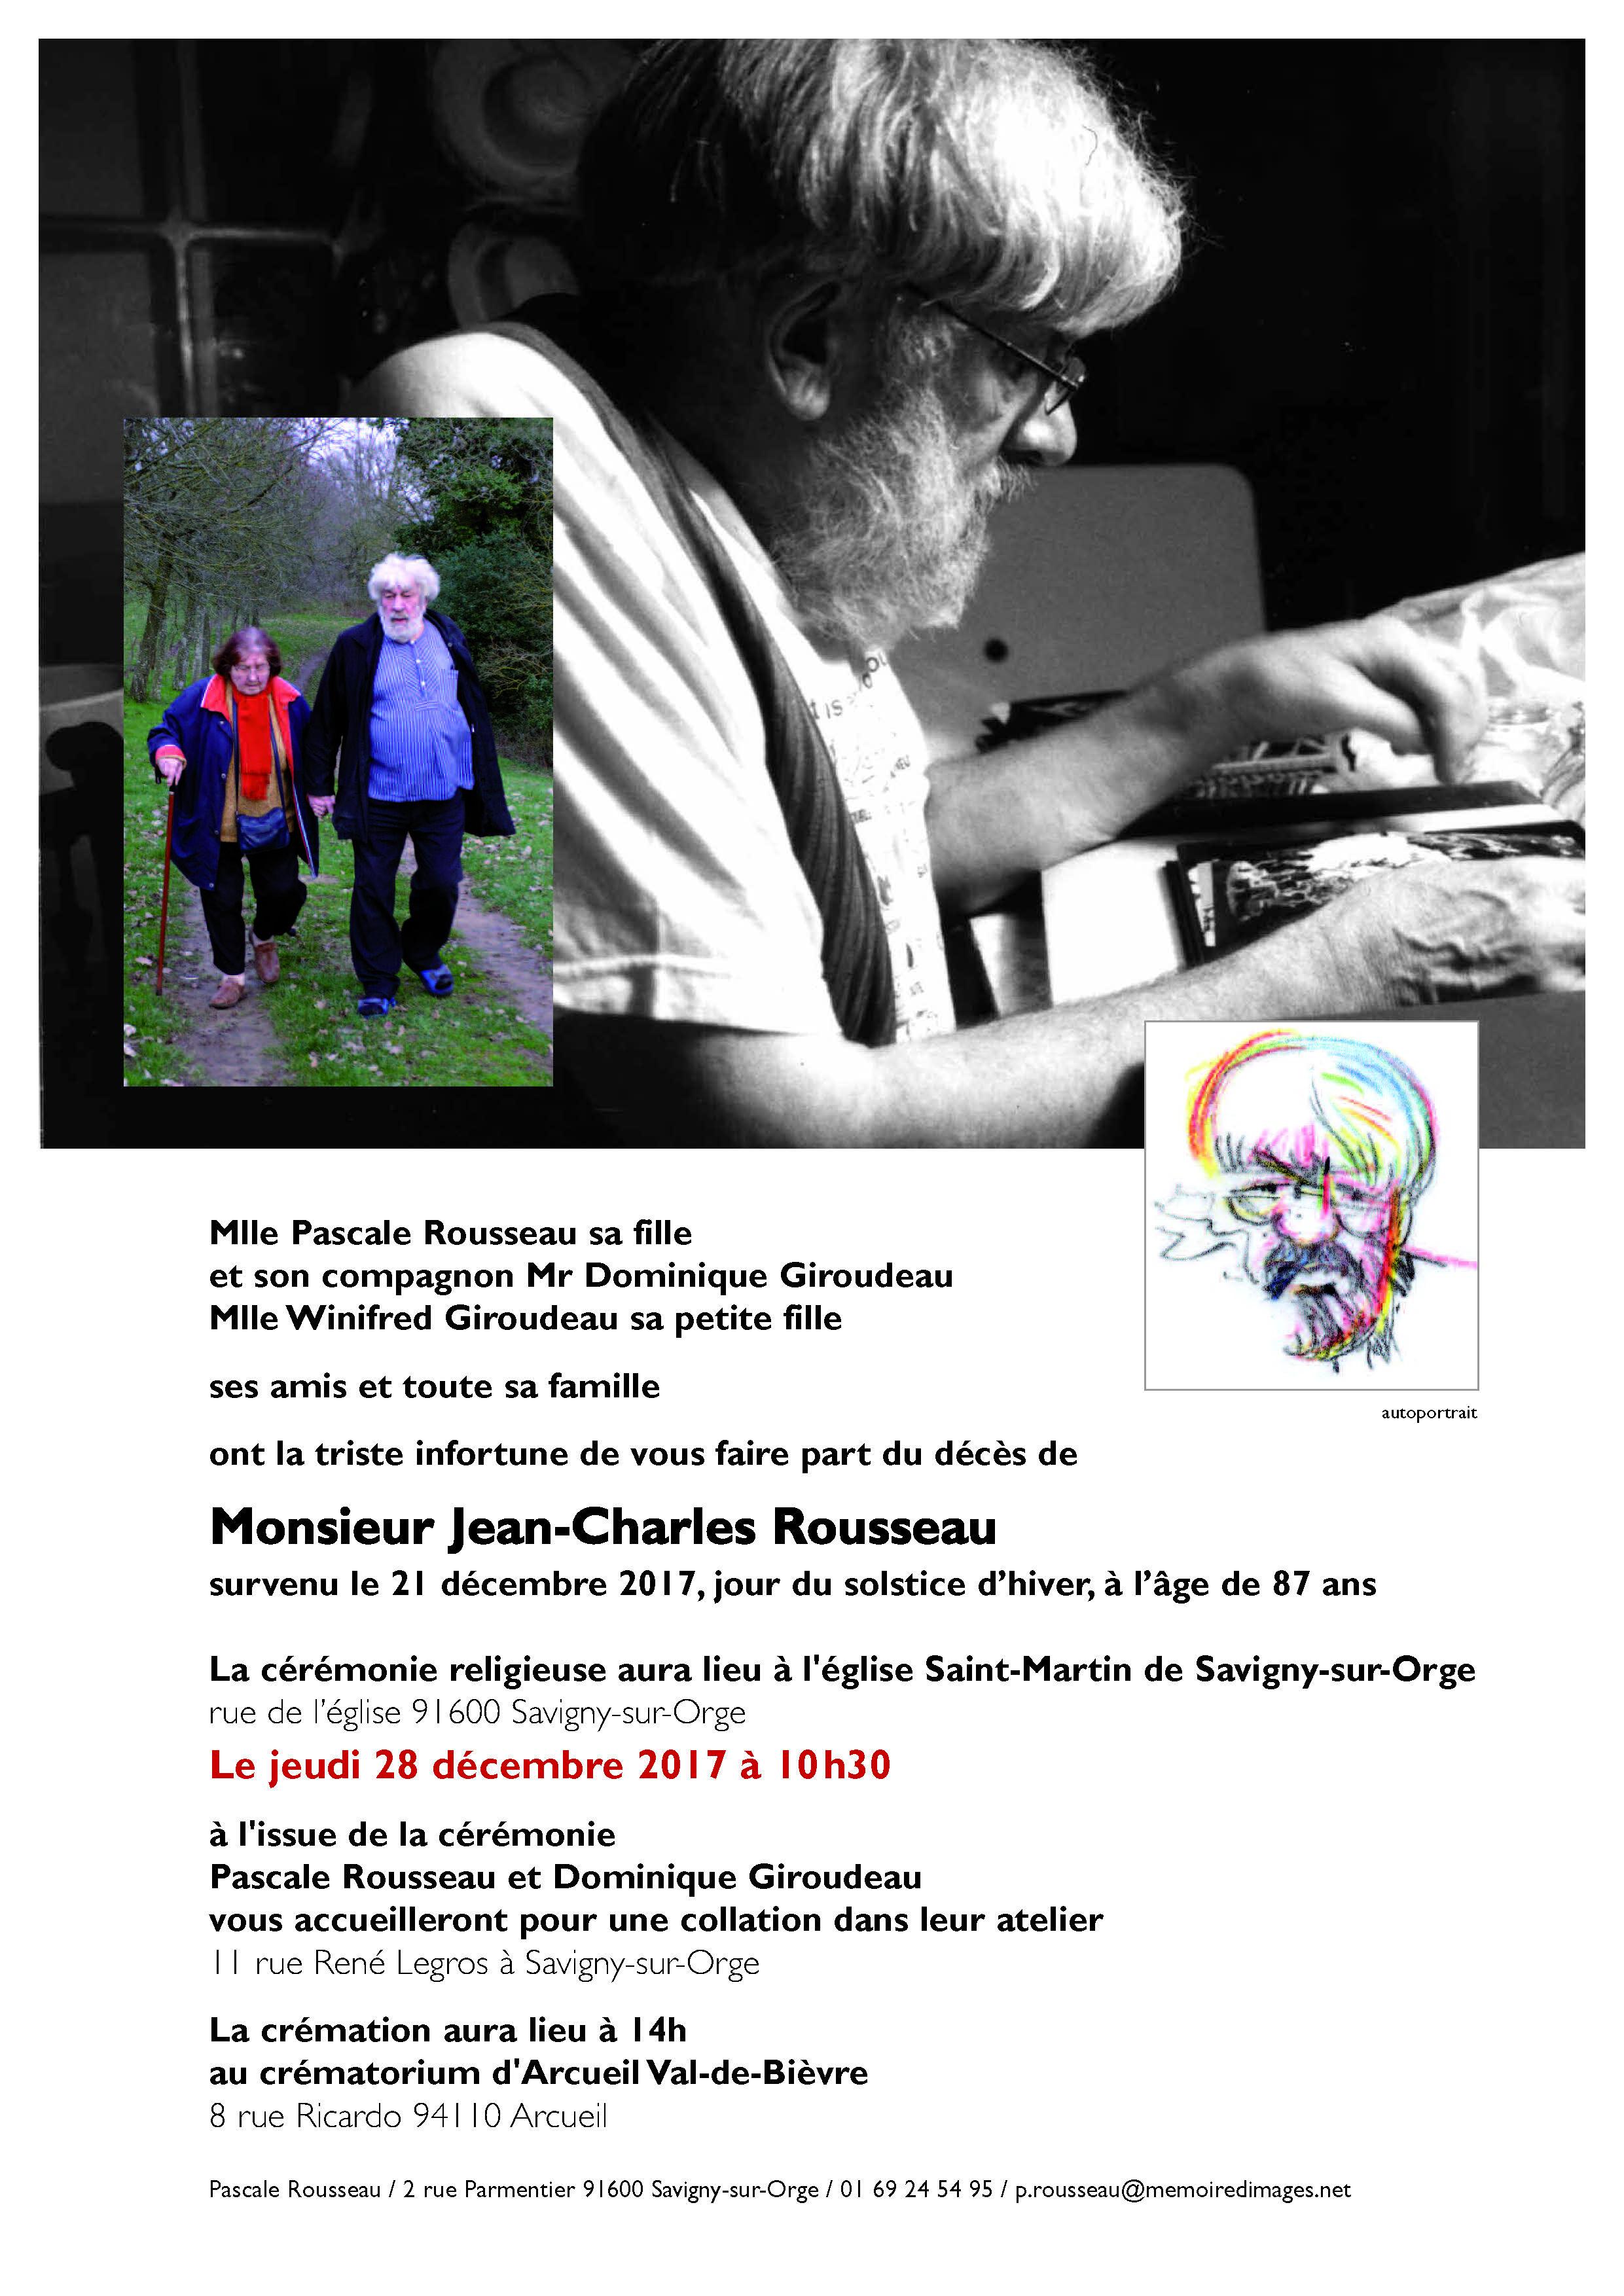 Deces De Jean Charles Rousseau Memoire D Images